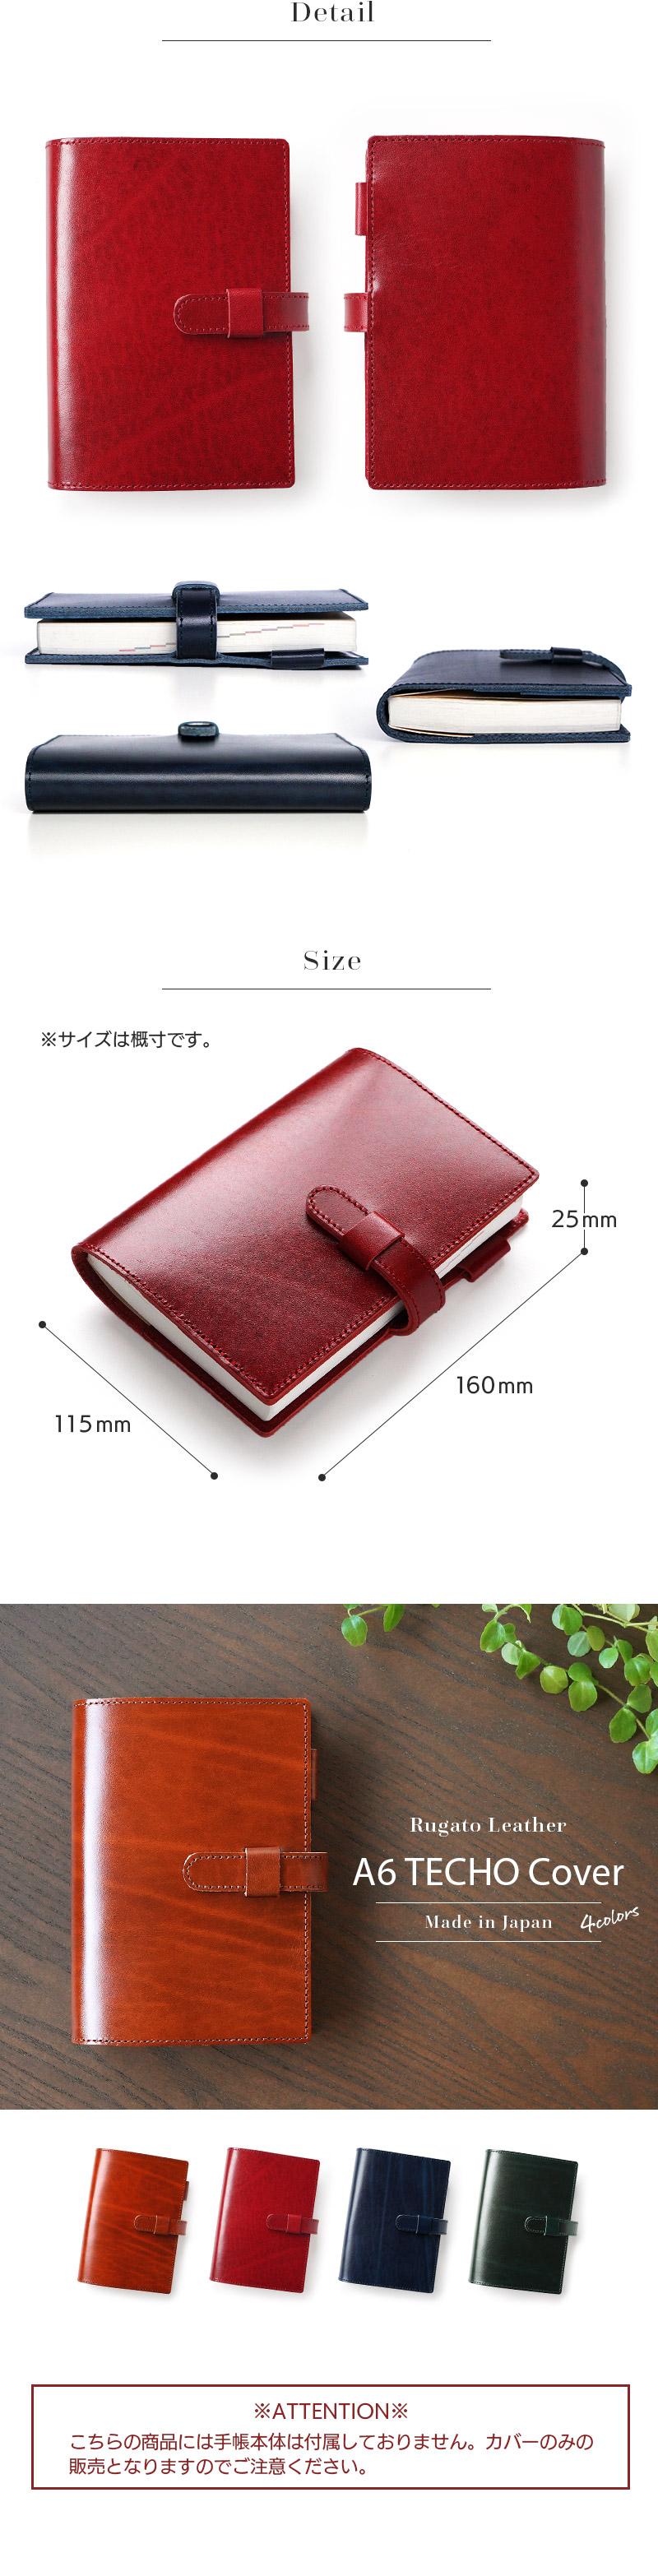 日本製 シンプル なつくりの 手帳カバー 。 ※ カバーのみ の販売